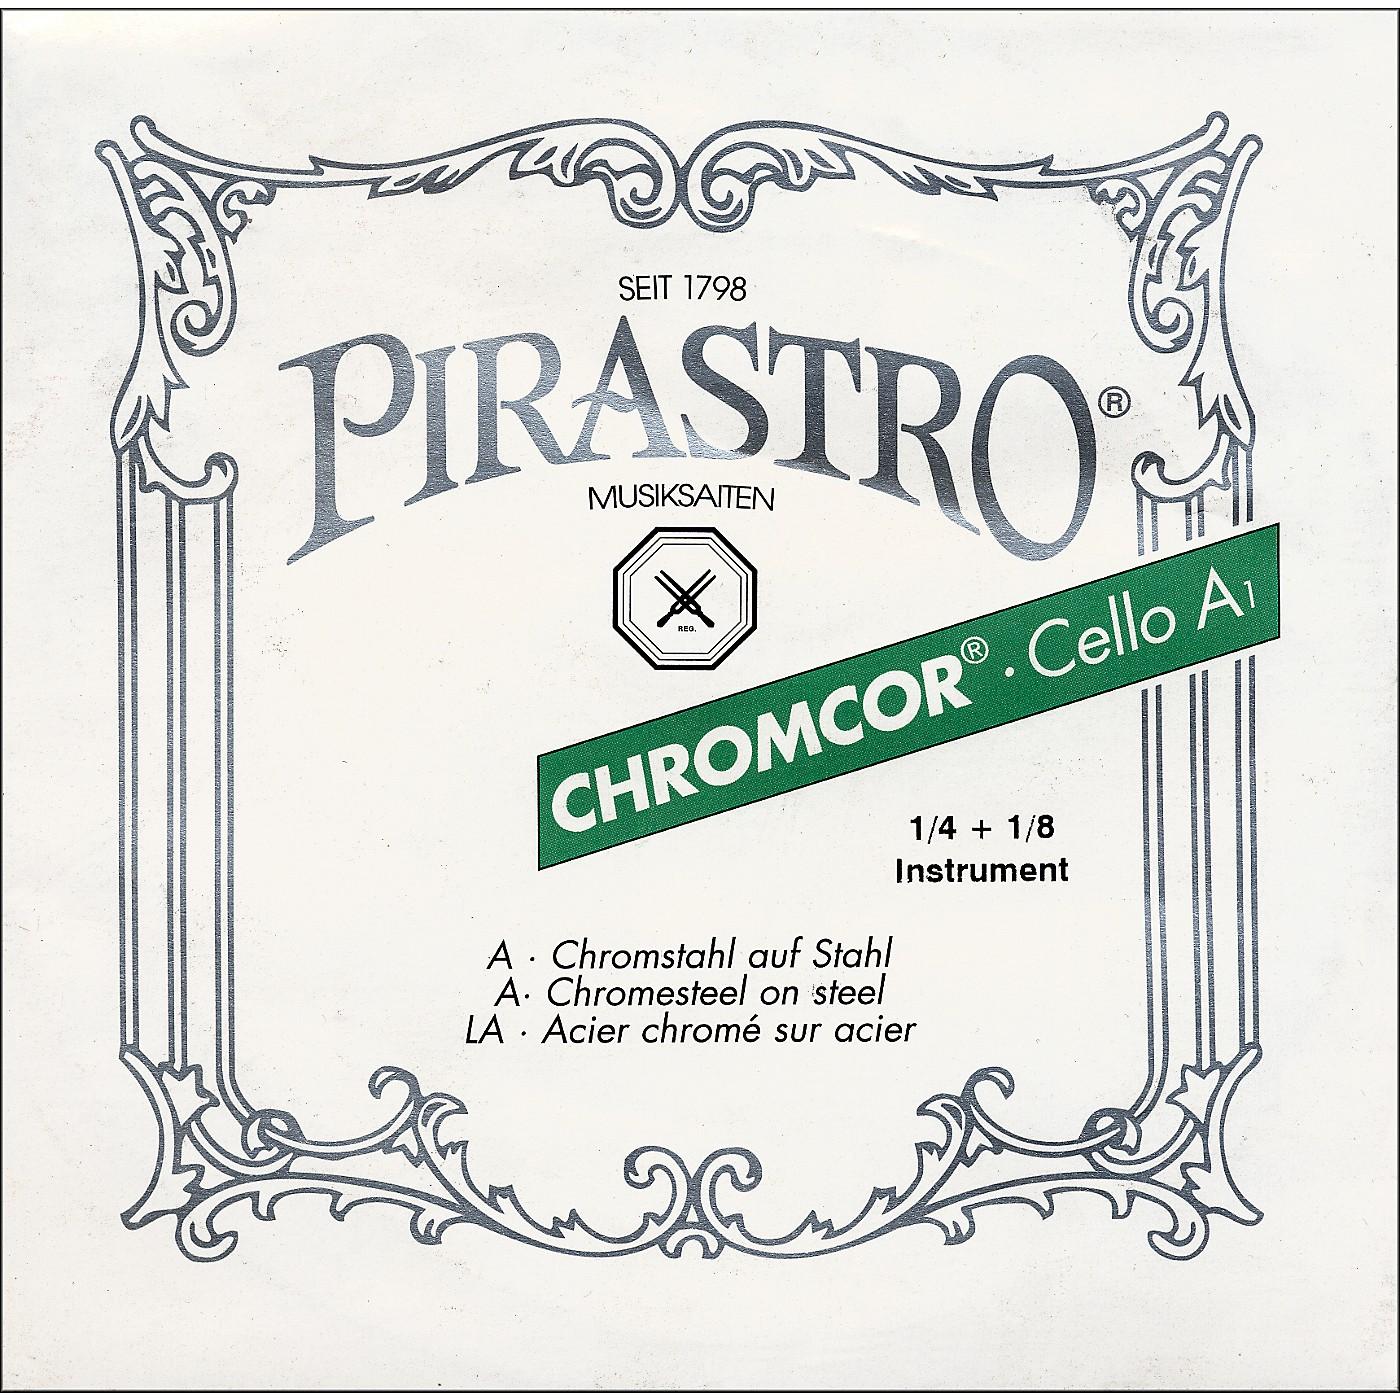 Pirastro Chromcor Series Cello A String thumbnail